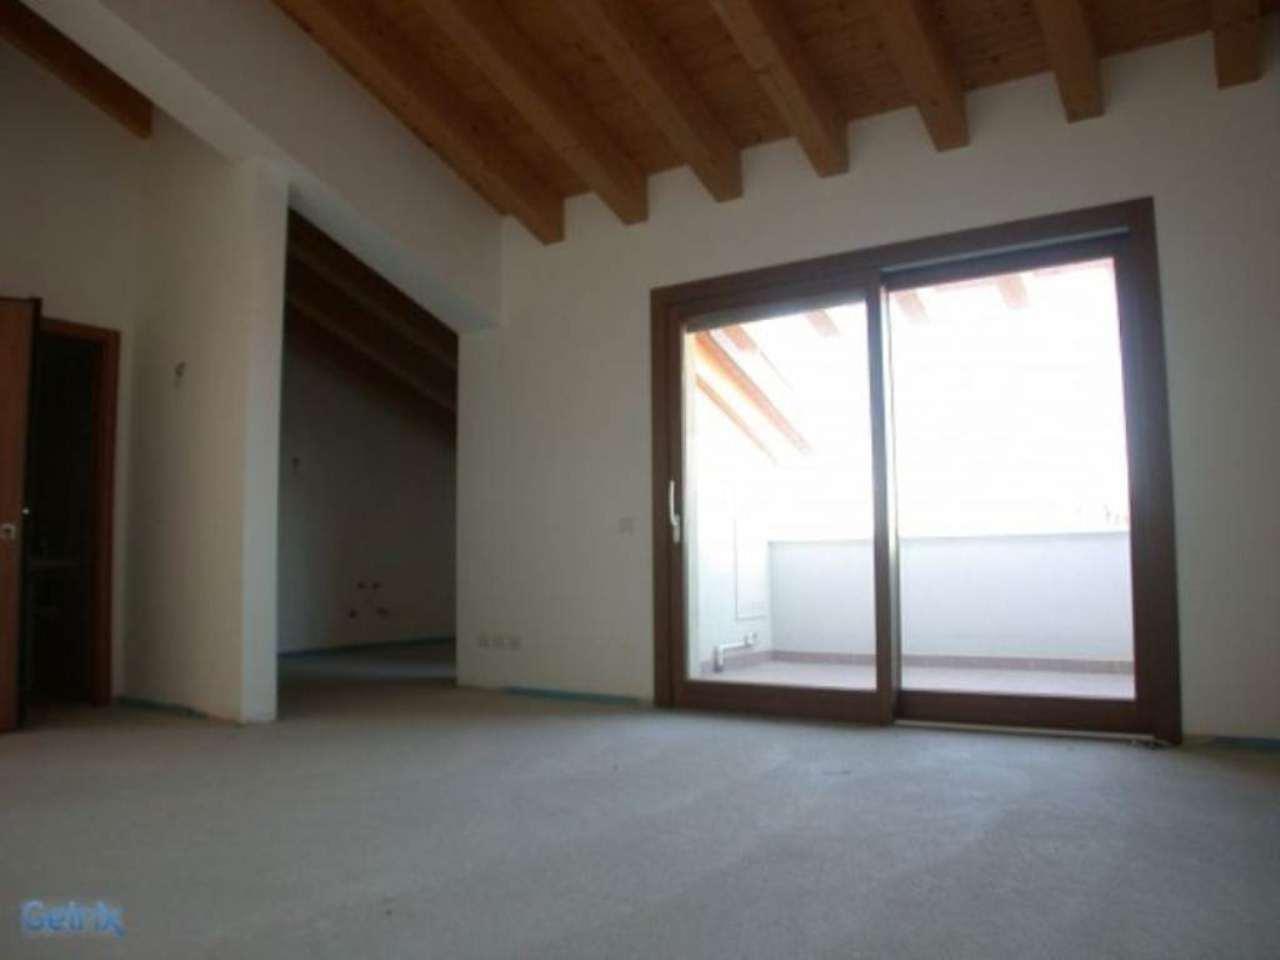 Attico / Mansarda in vendita a Monastier di Treviso, 4 locali, prezzo € 205.000 | Cambio Casa.it